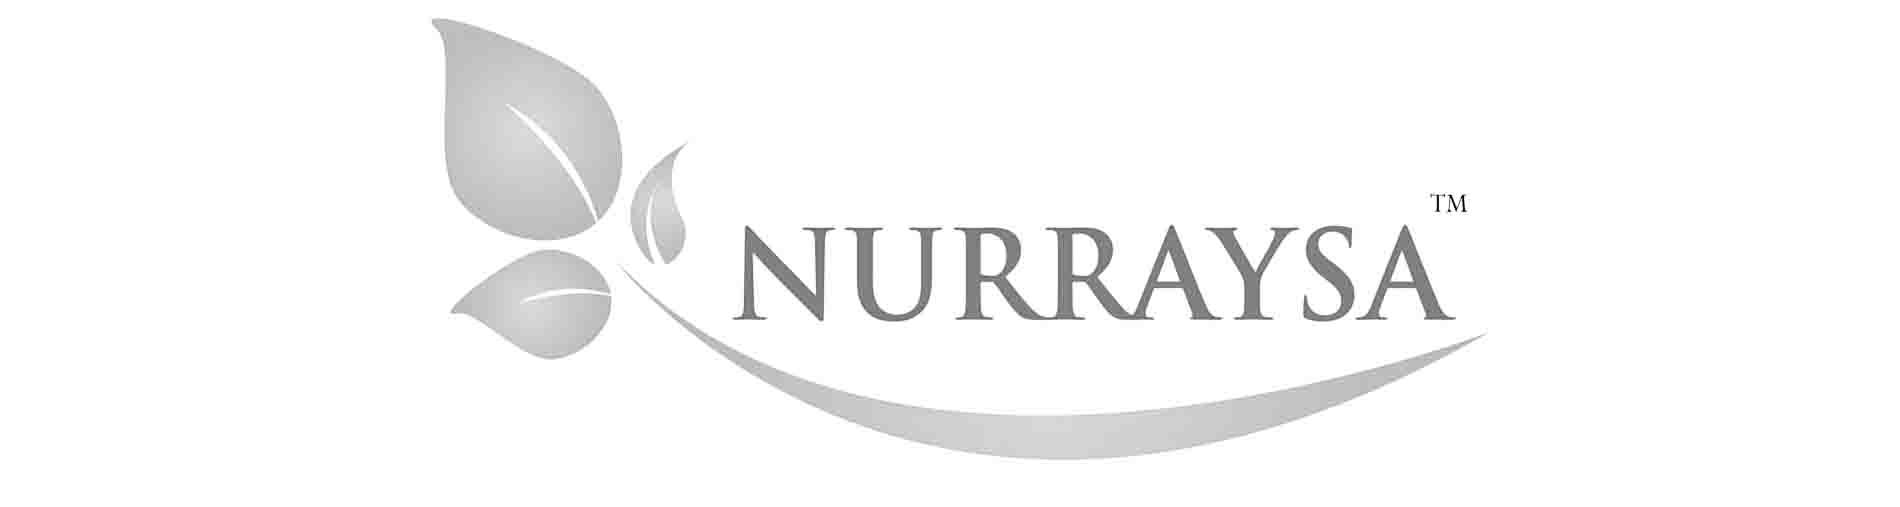 nurraysa